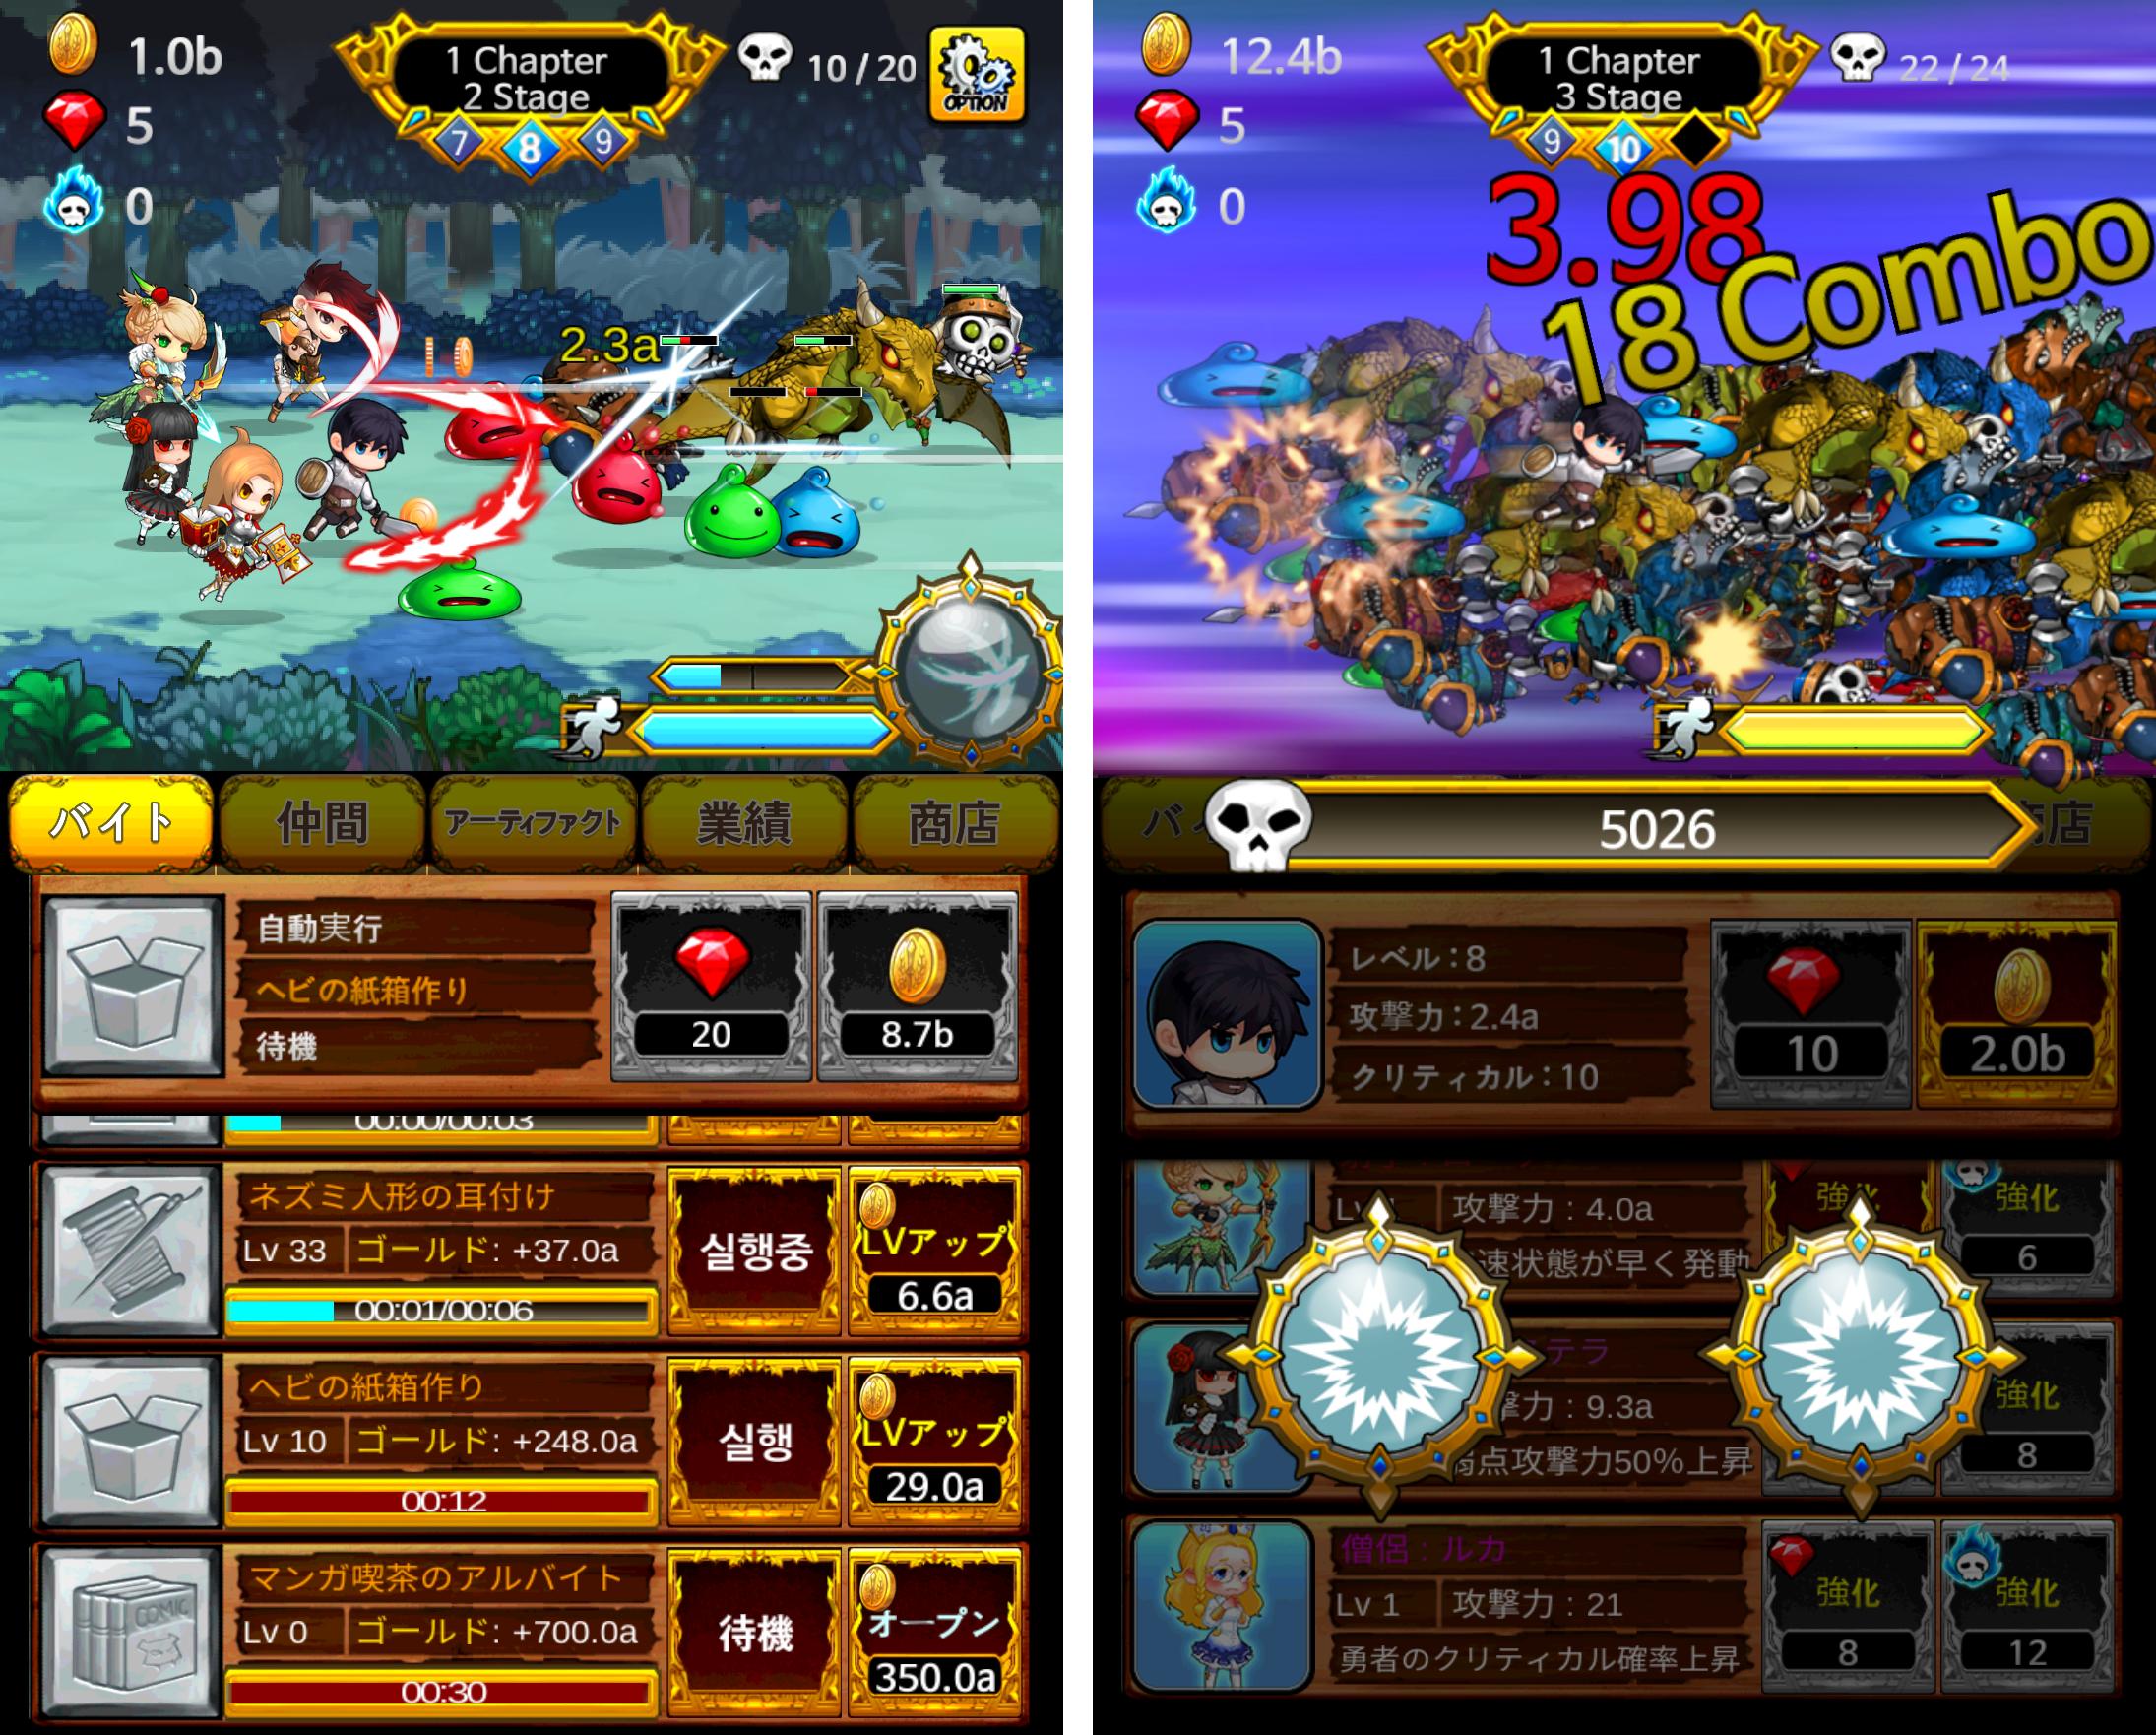 勇者はバイト中(Part Time Hero) androidアプリスクリーンショット1